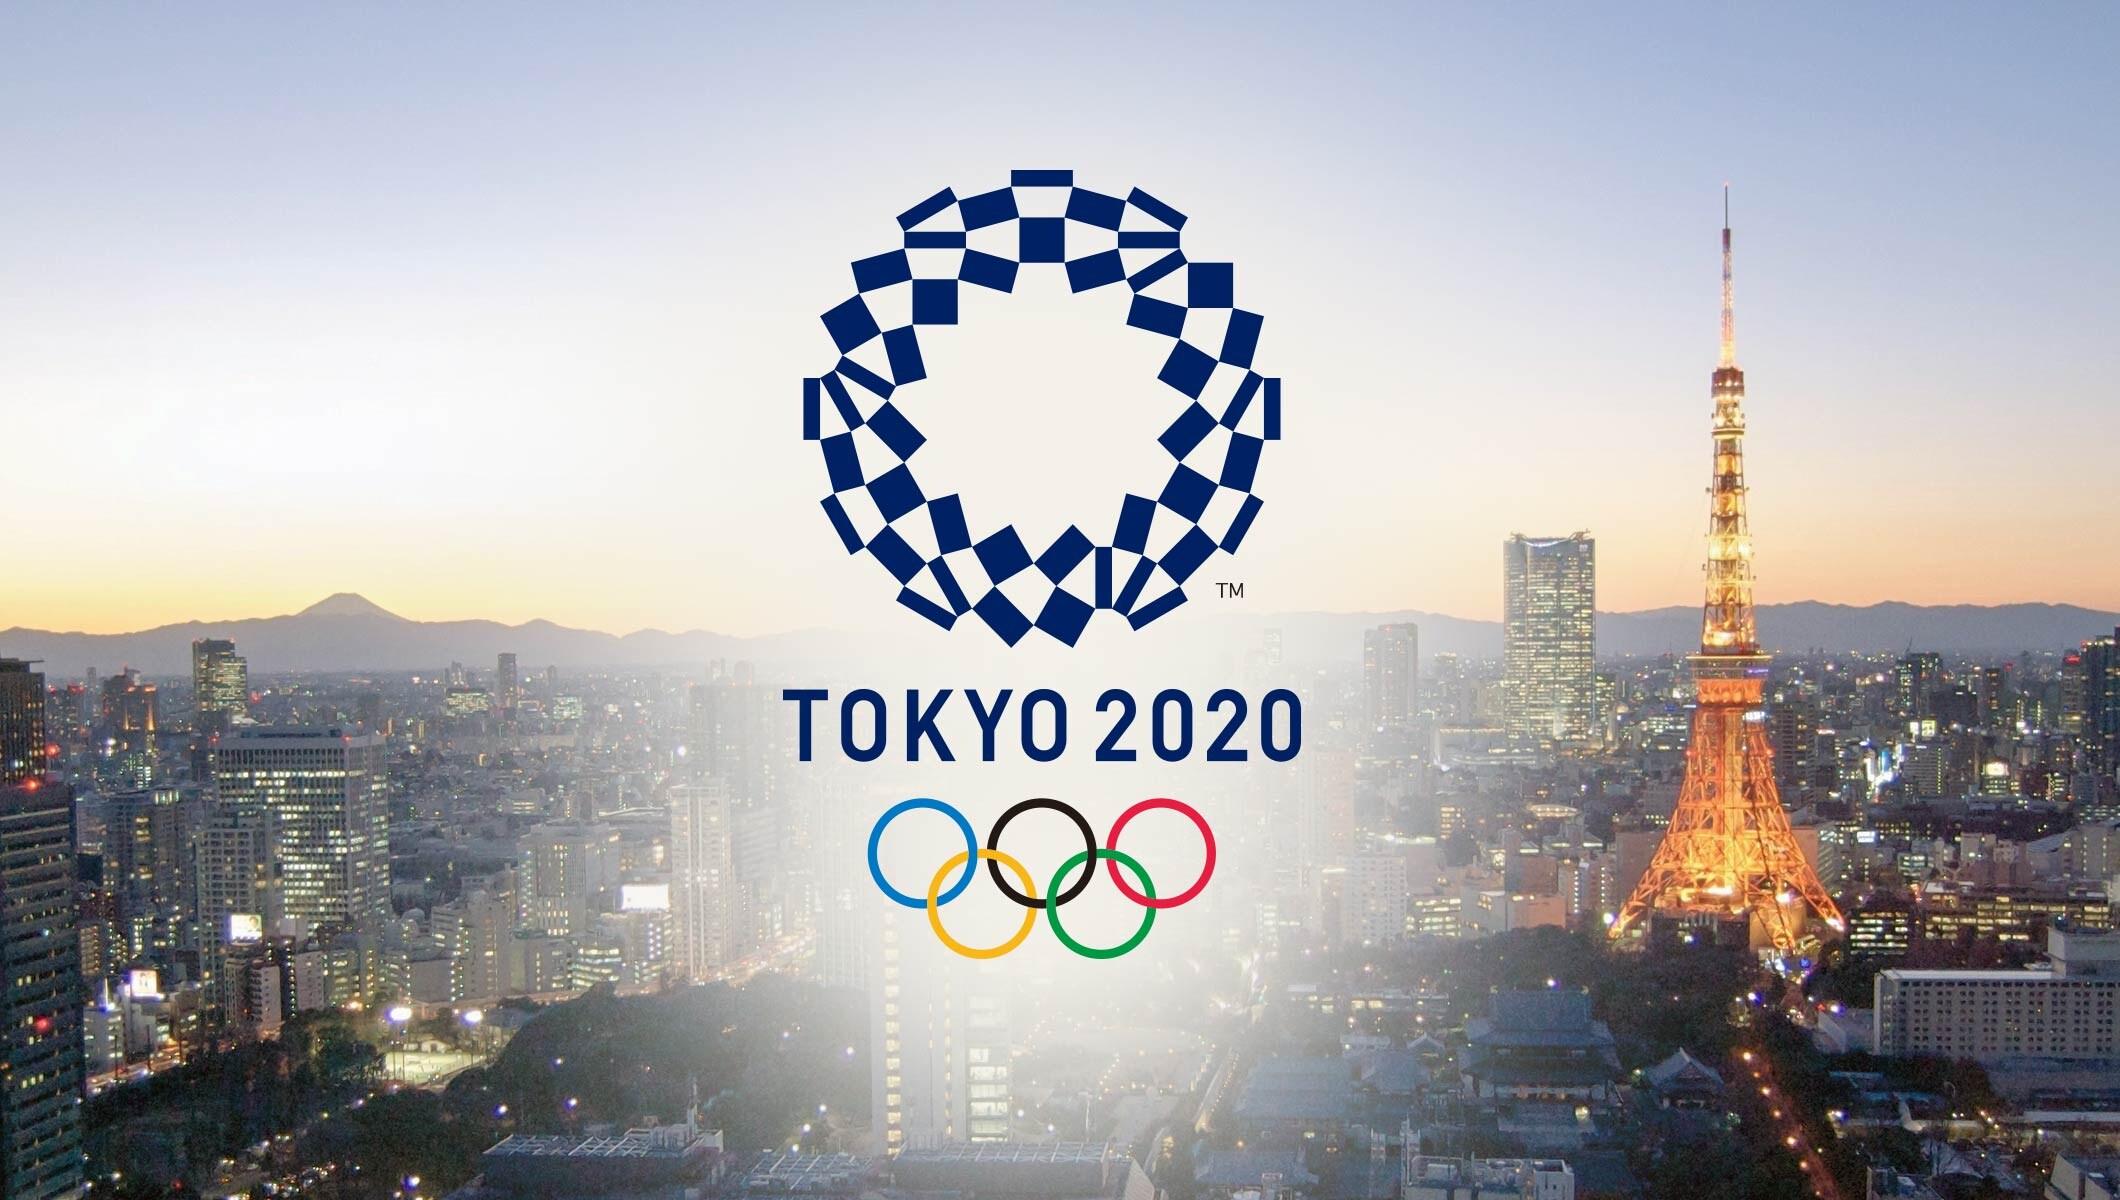 البرنامج الخاص لأولمبياد 2020